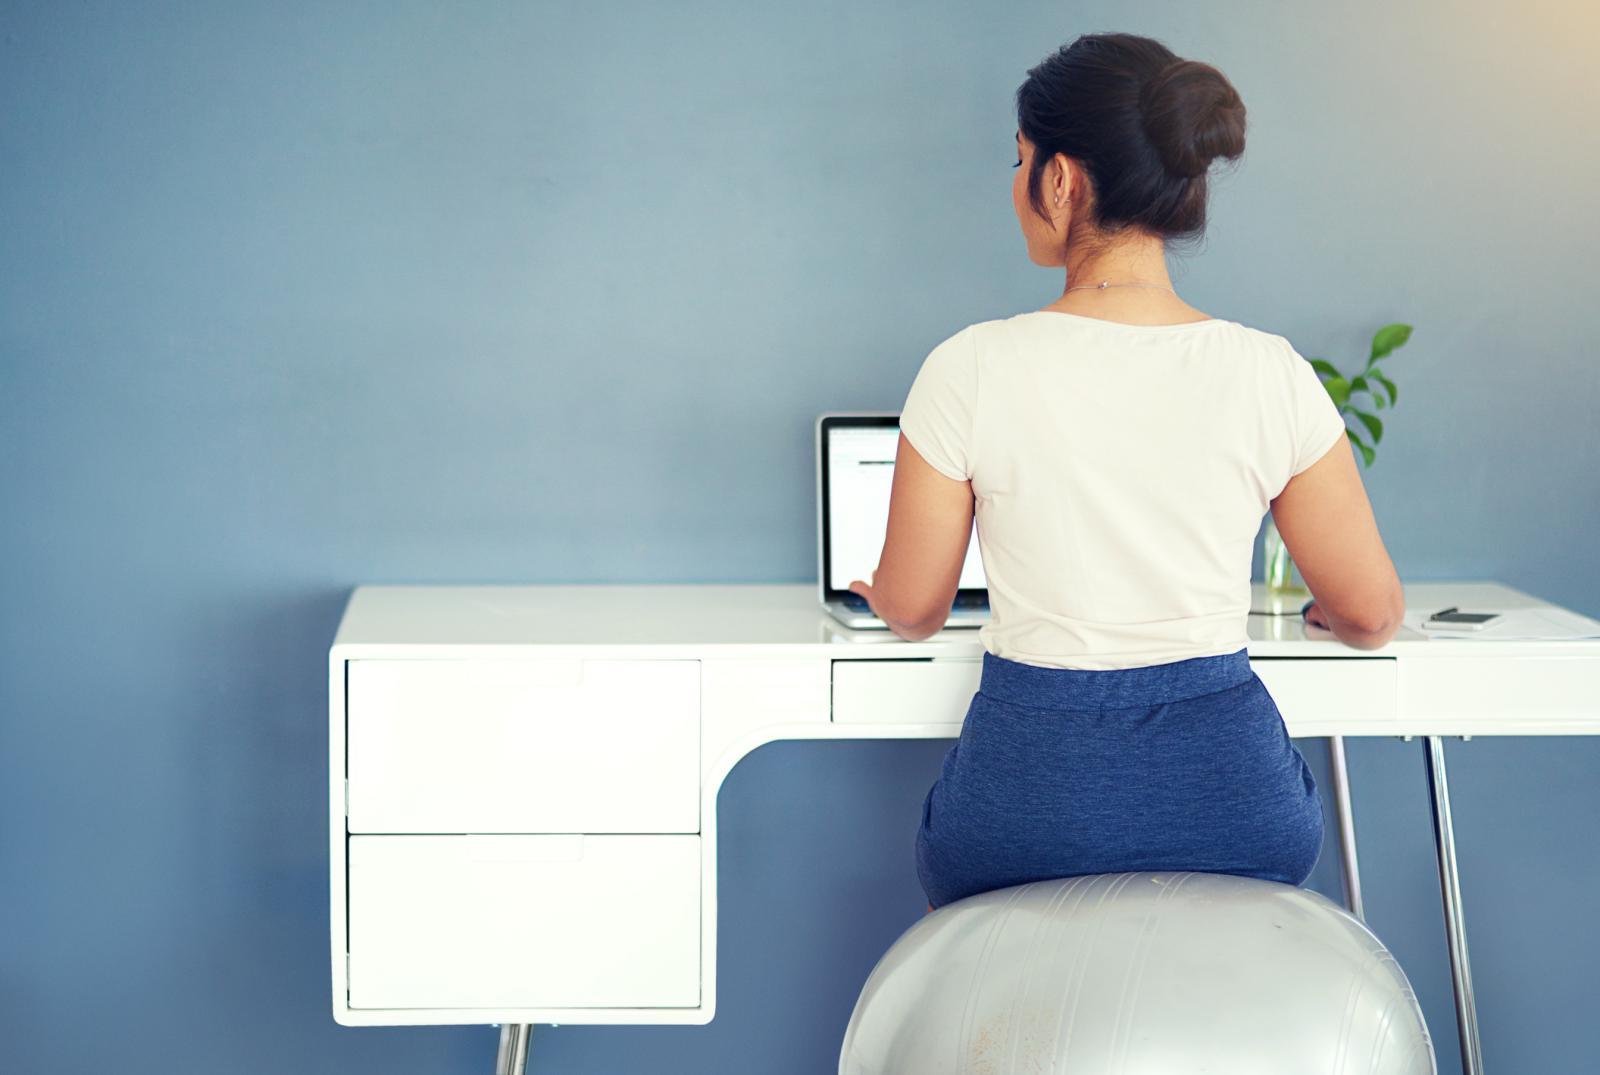 Cjelodnevno sjedenje na nestabilnoj površini rezultira poboljšanjem osjećaja za ravnotežu.